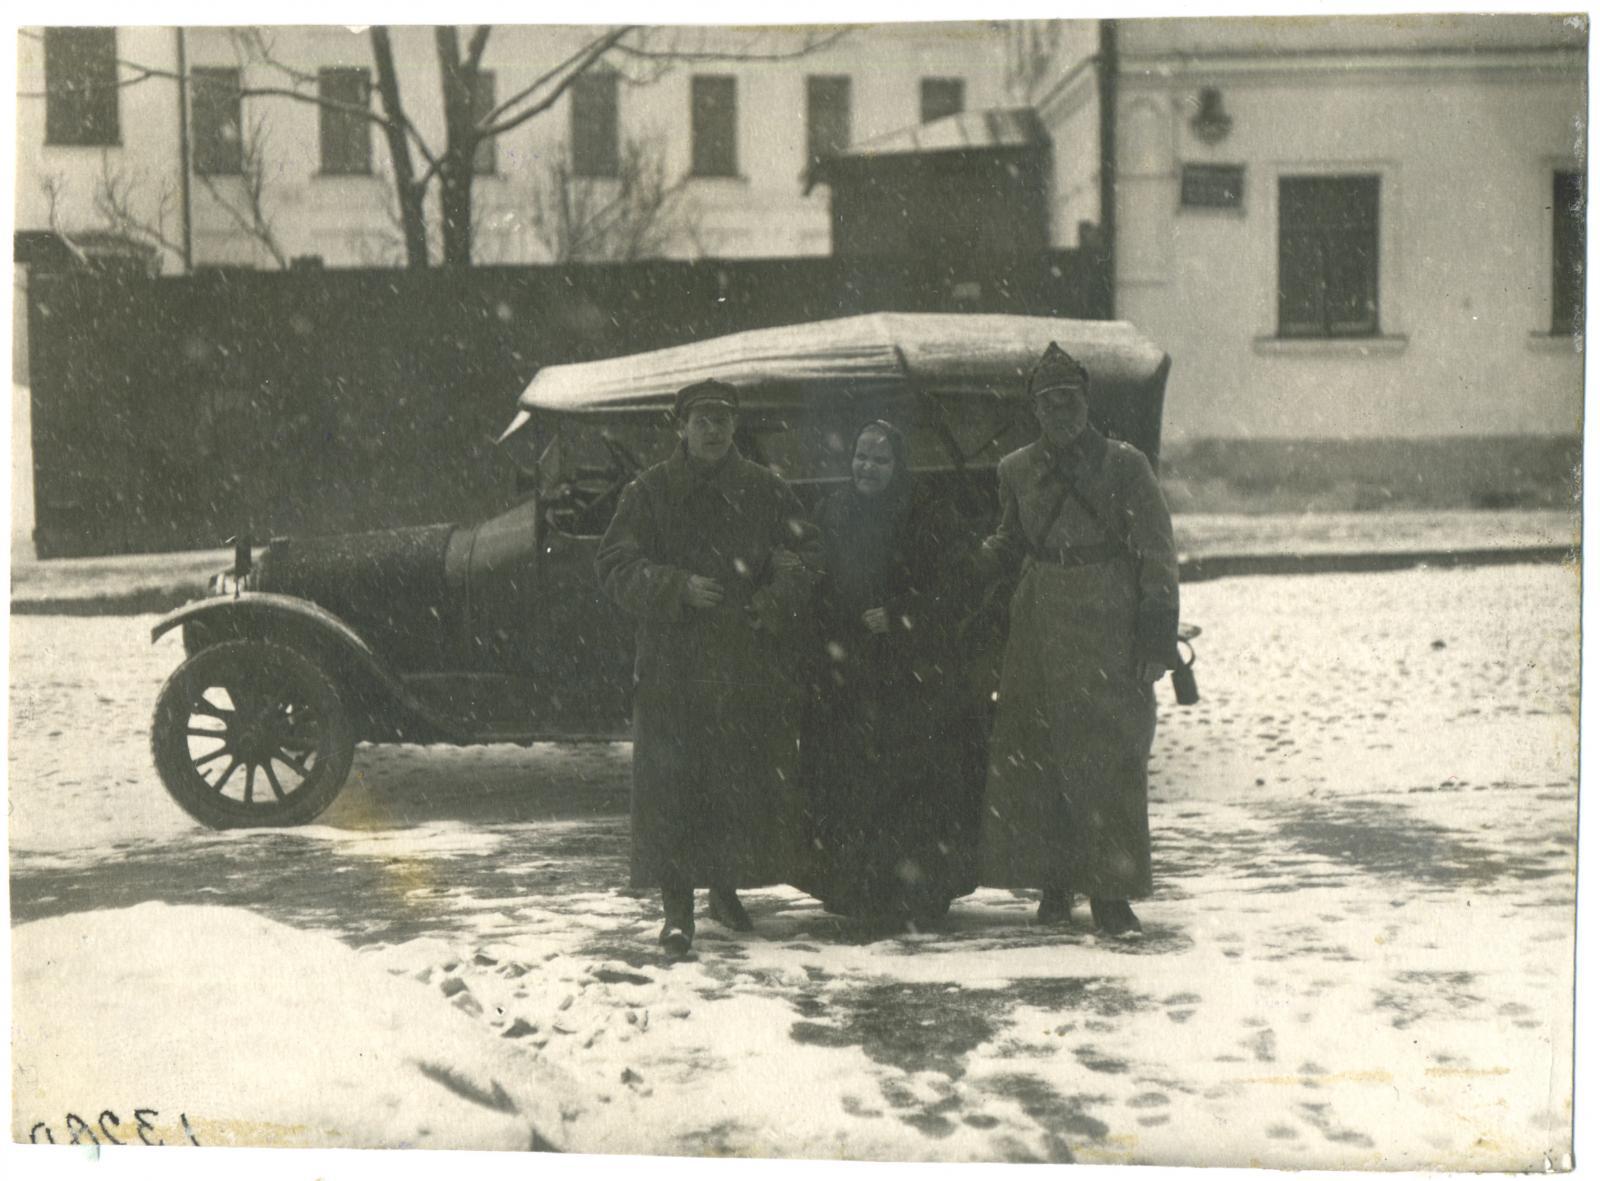 1924-1926. Анна Егоровна Серебрякова, секретная сотрудница Московского охранного отделения, этапируется под конвоем. Москва